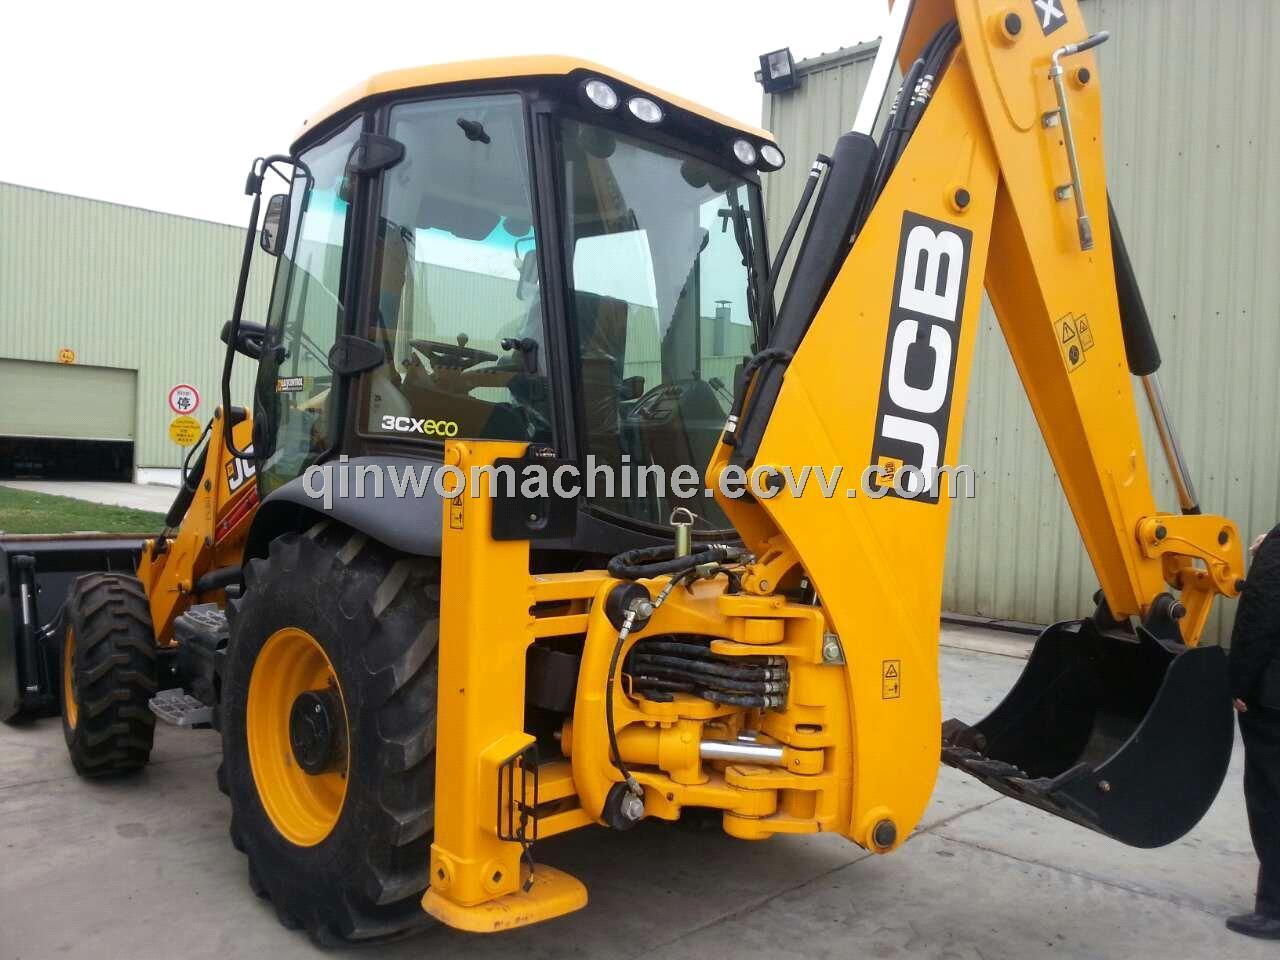 New Machine JCB 3CX backhoe loader,JCB Backhoe ,JCB 3CX front end loader